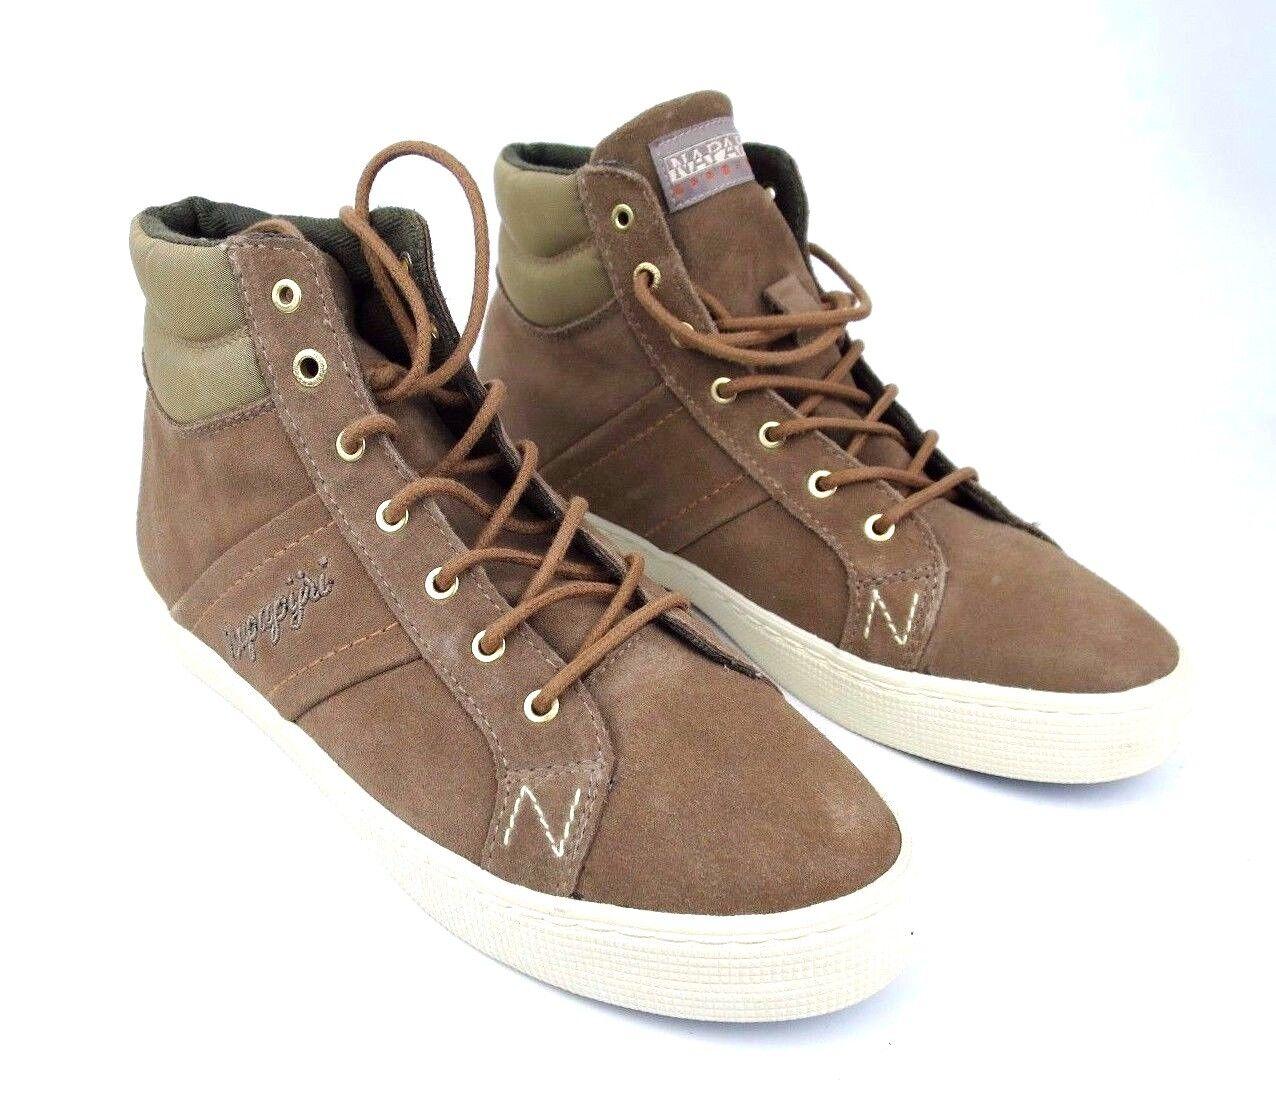 NAPAPIJRI Damen Sneakers Stiefeletten Stiefeletten Sneakers Stiefel Schuhe ELLEN - Gr 39 NEU NEW  #41 a3abd9